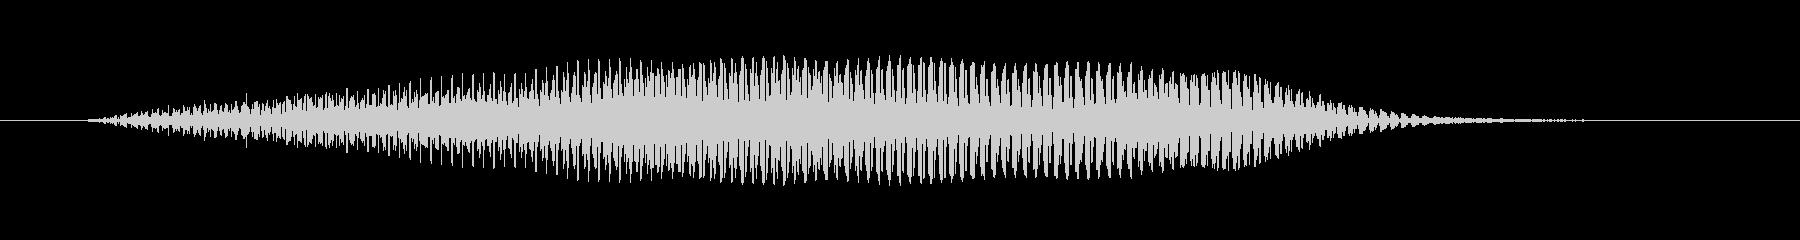 「ブーン」と迫る低音 ホラー サスペンスの未再生の波形